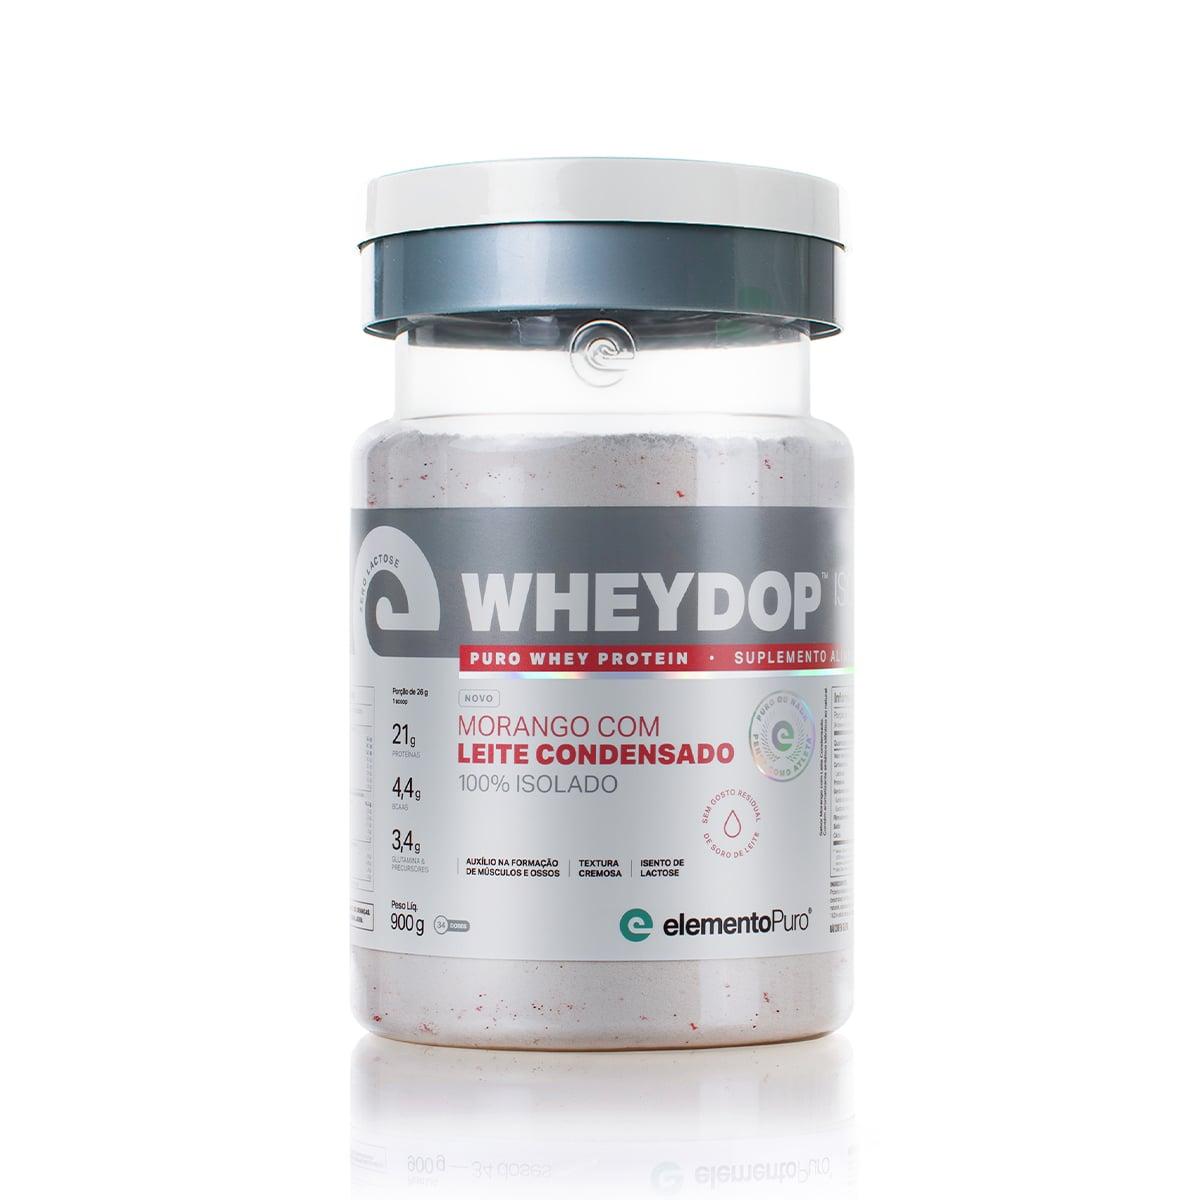 WHEYDOP ISO 900 g